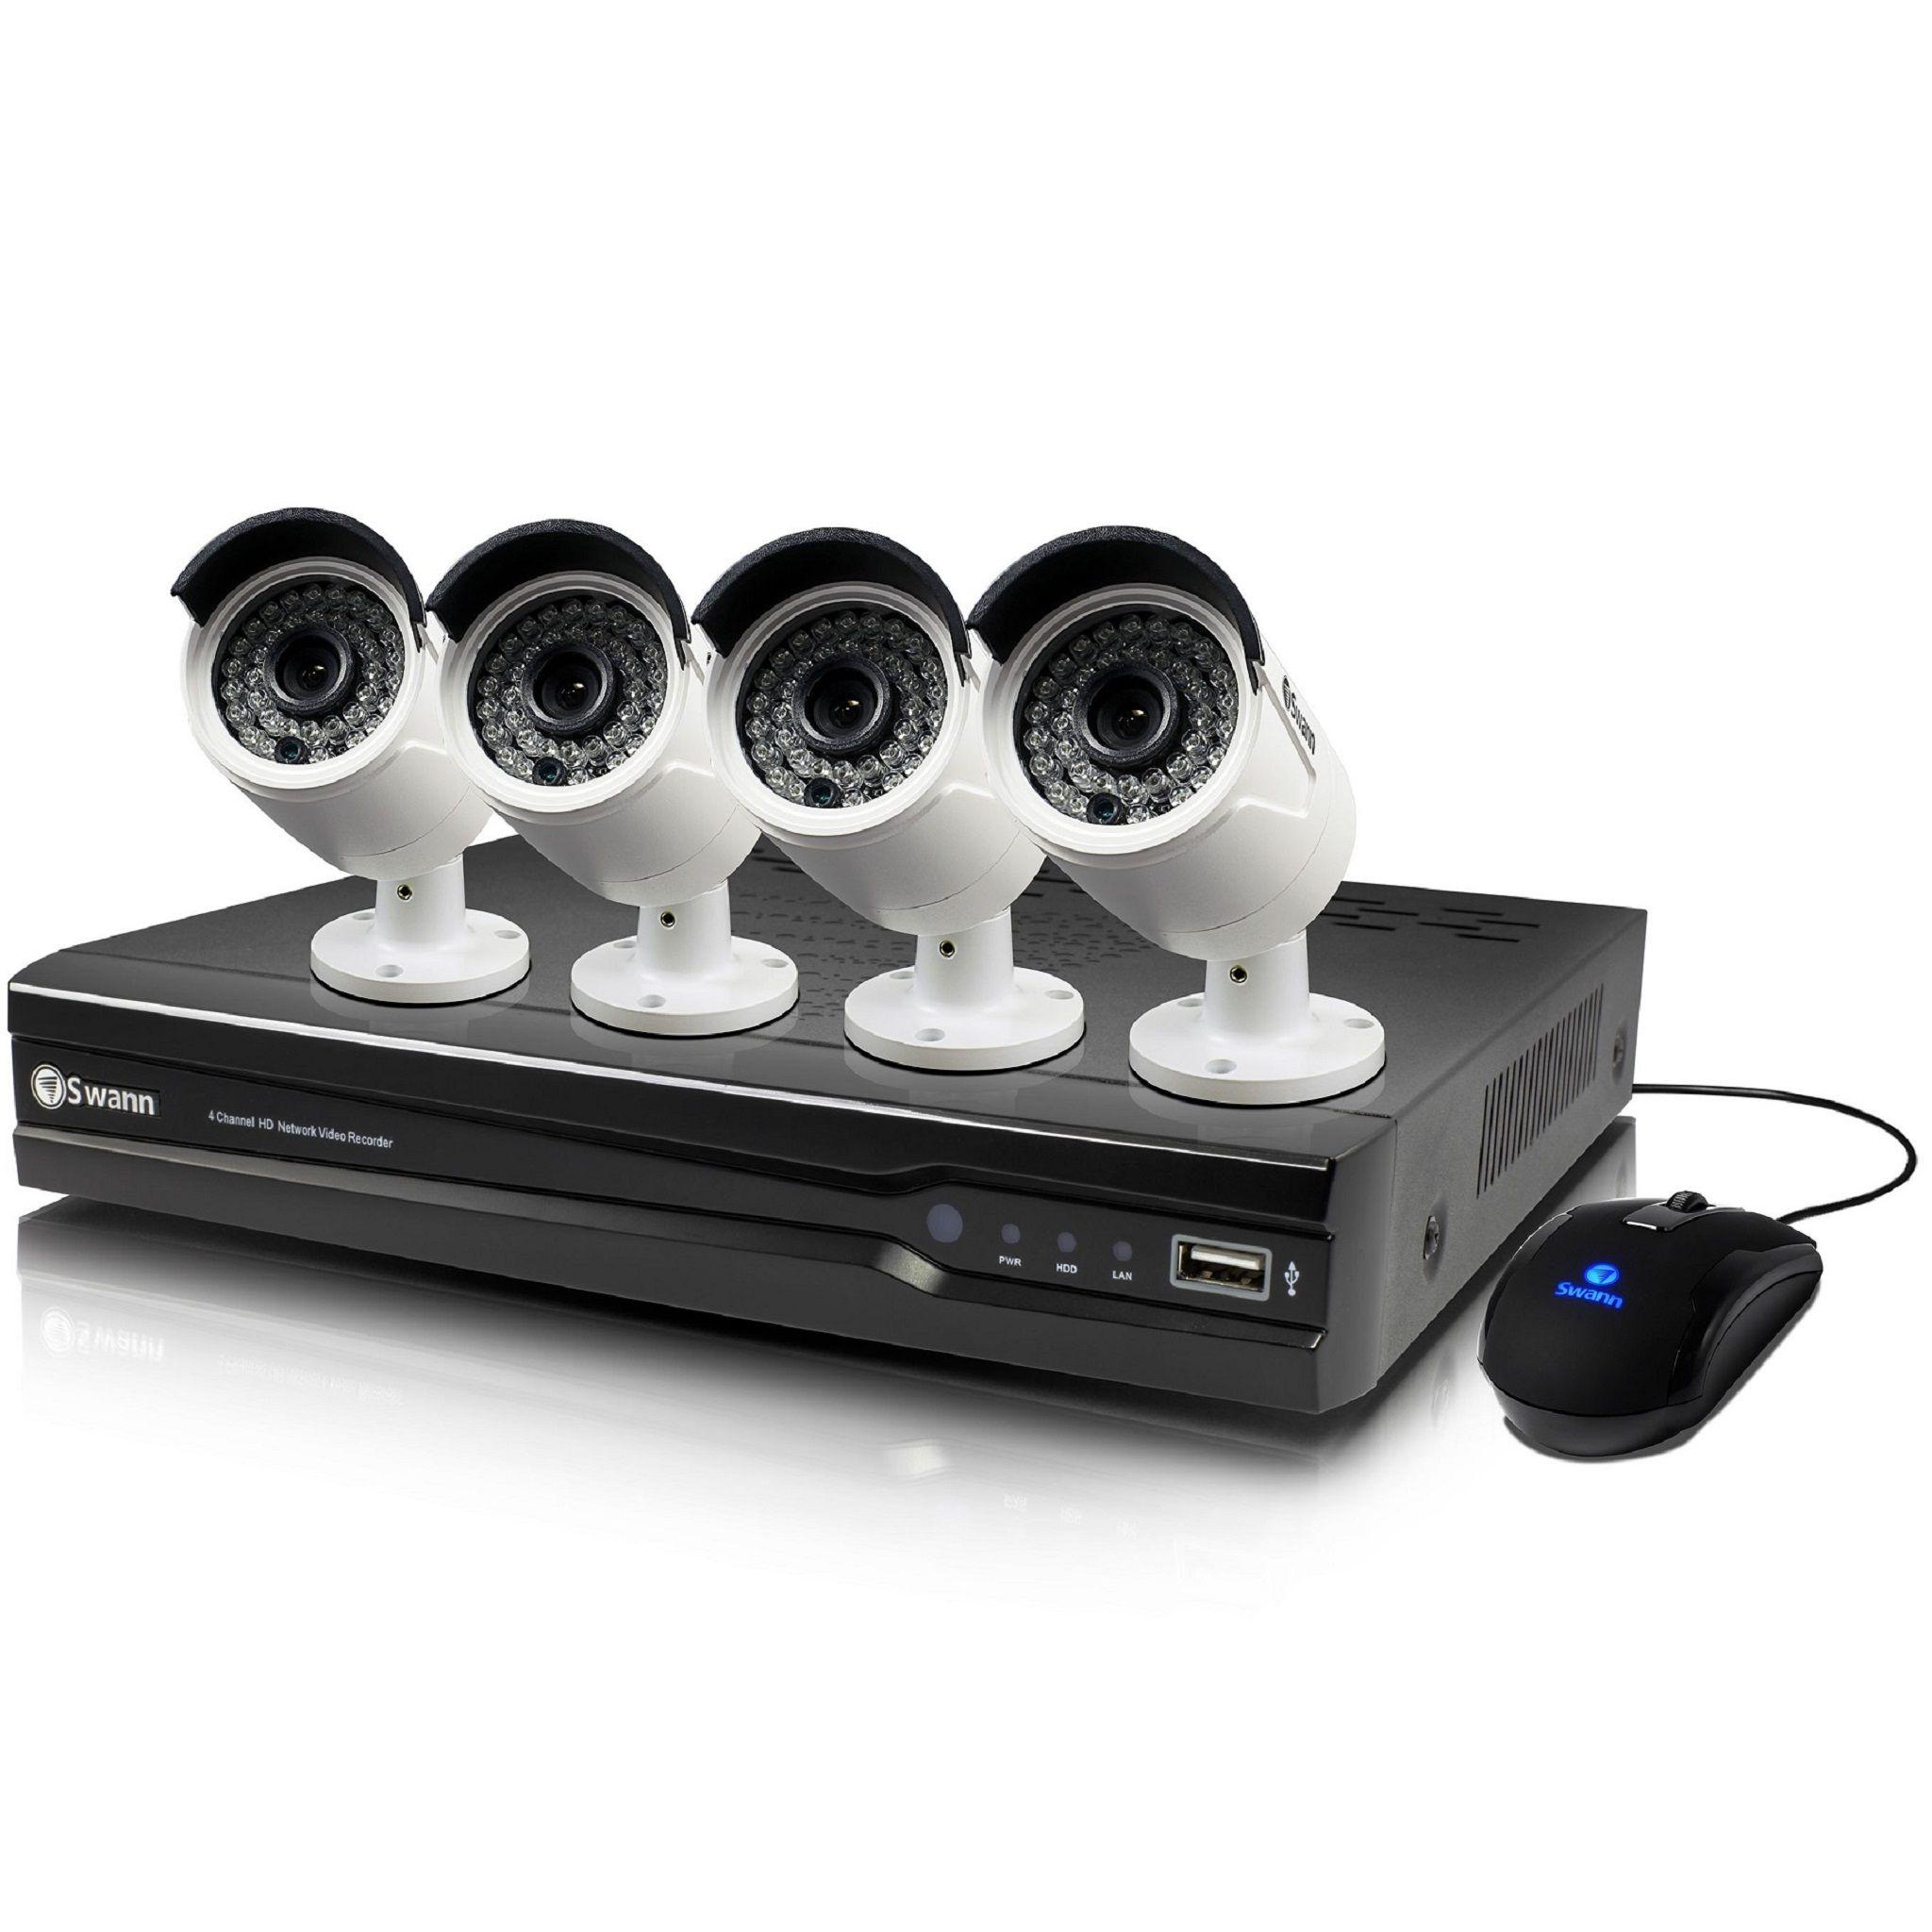 Peace of mind CCTV